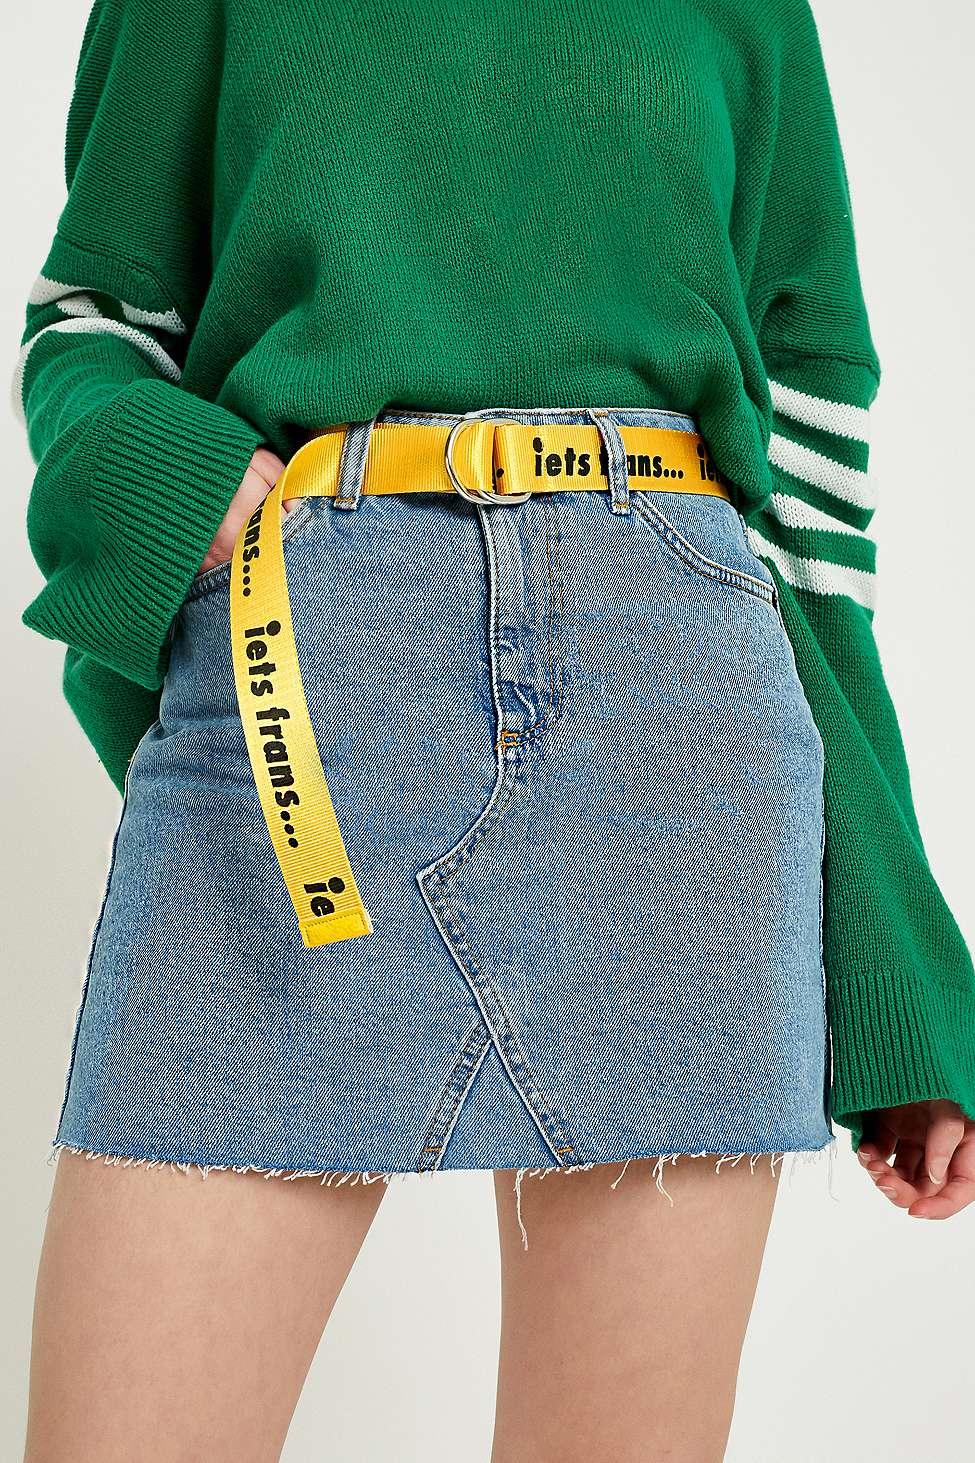 iets frans…  Slogan D-Ring Belt, Yellow